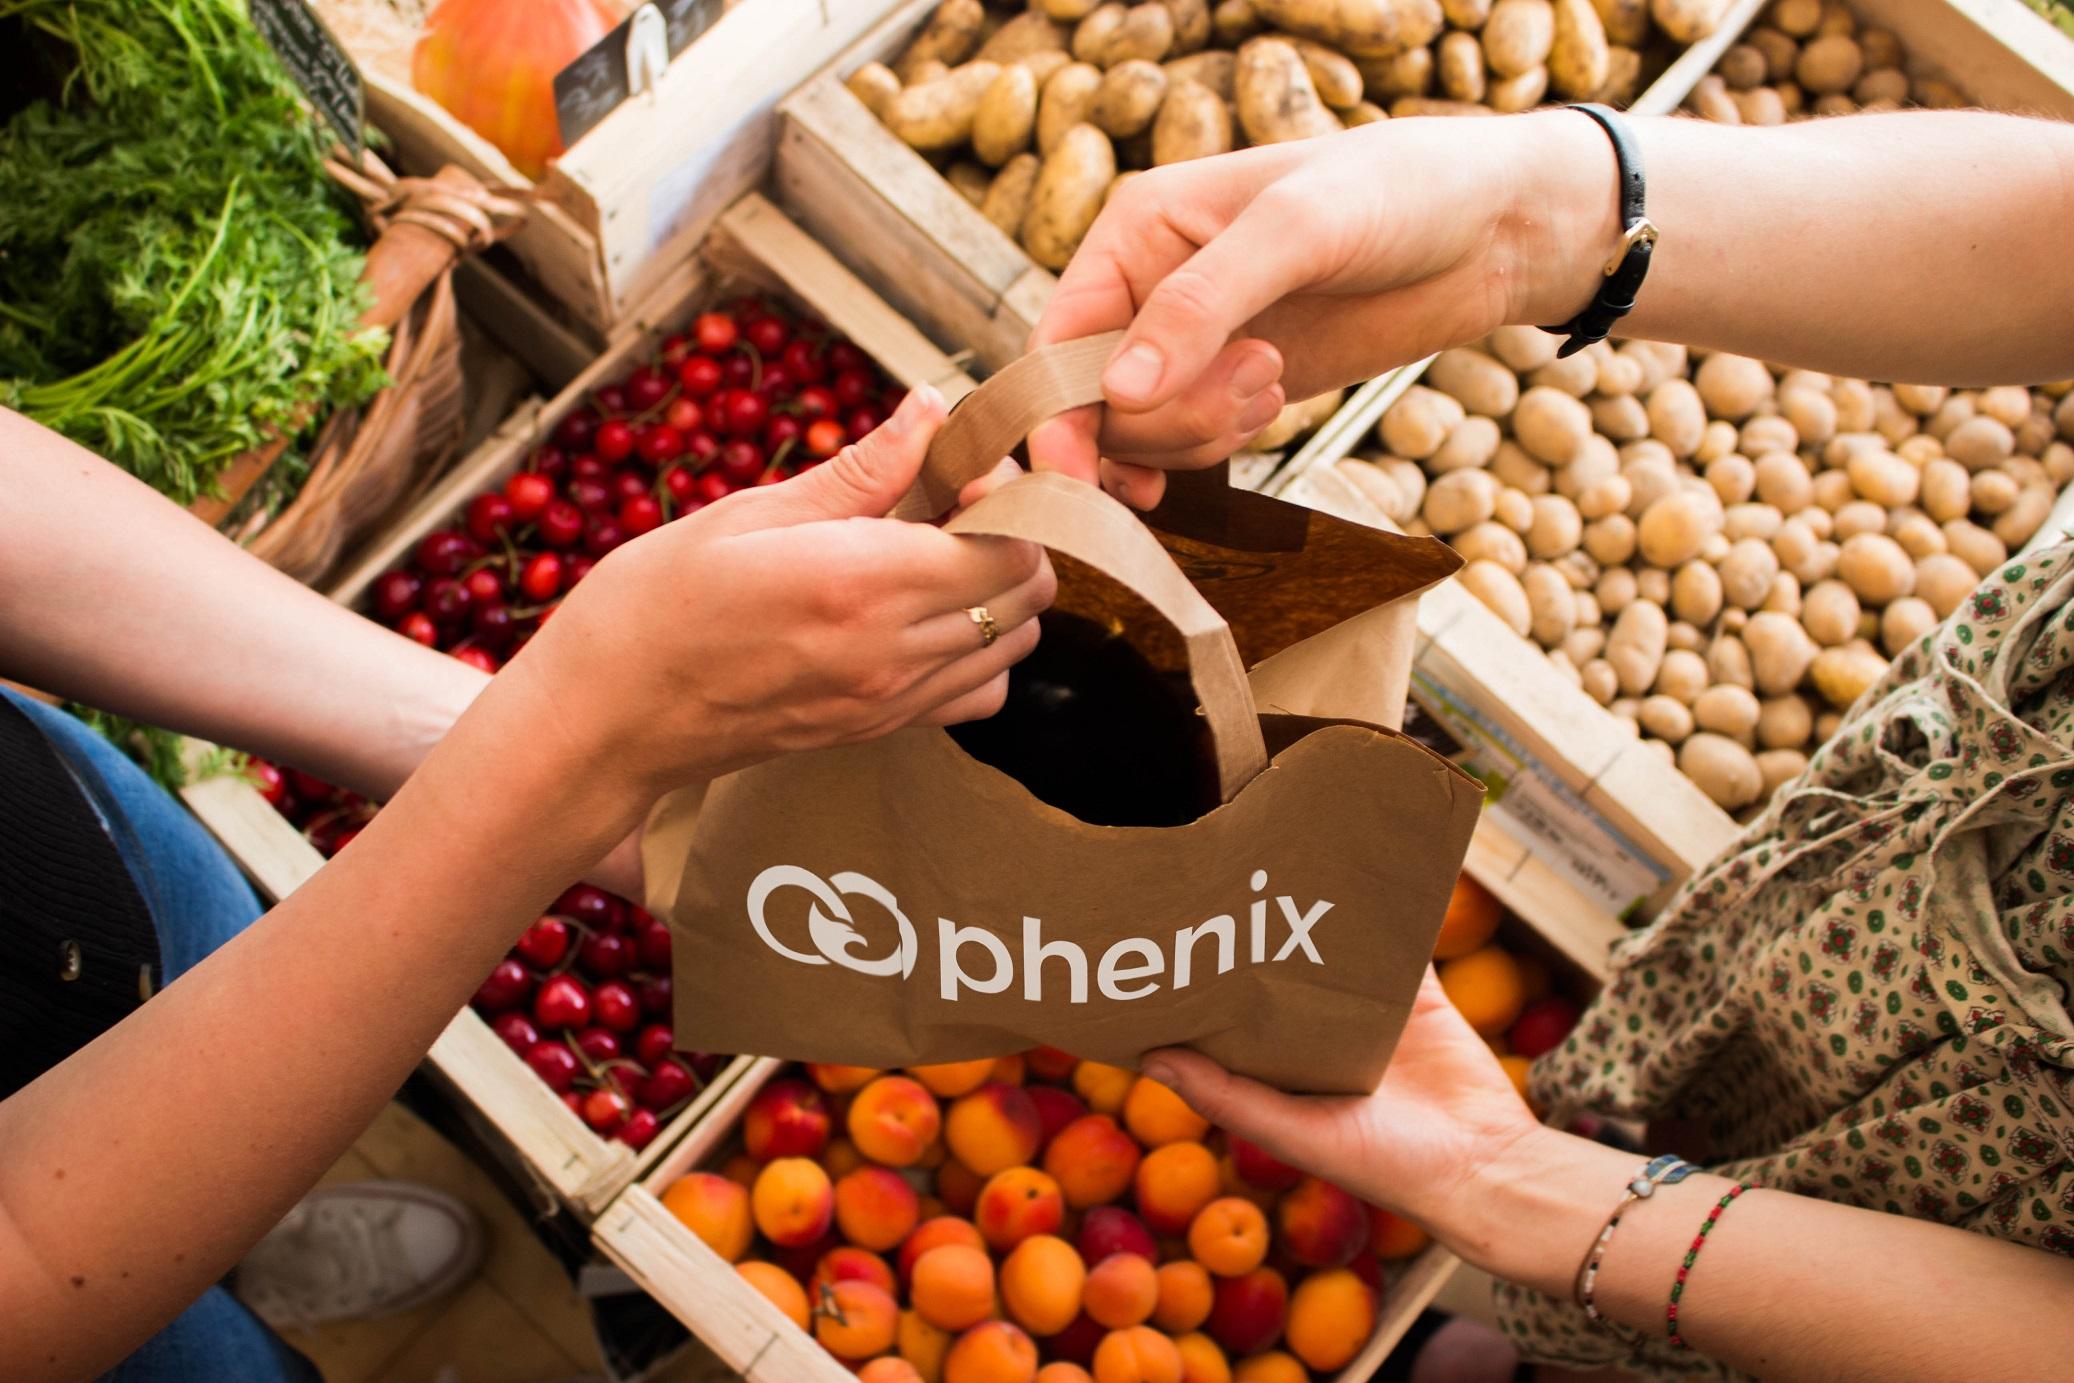 Desperdício alimentar. App Phenix chega a Braga